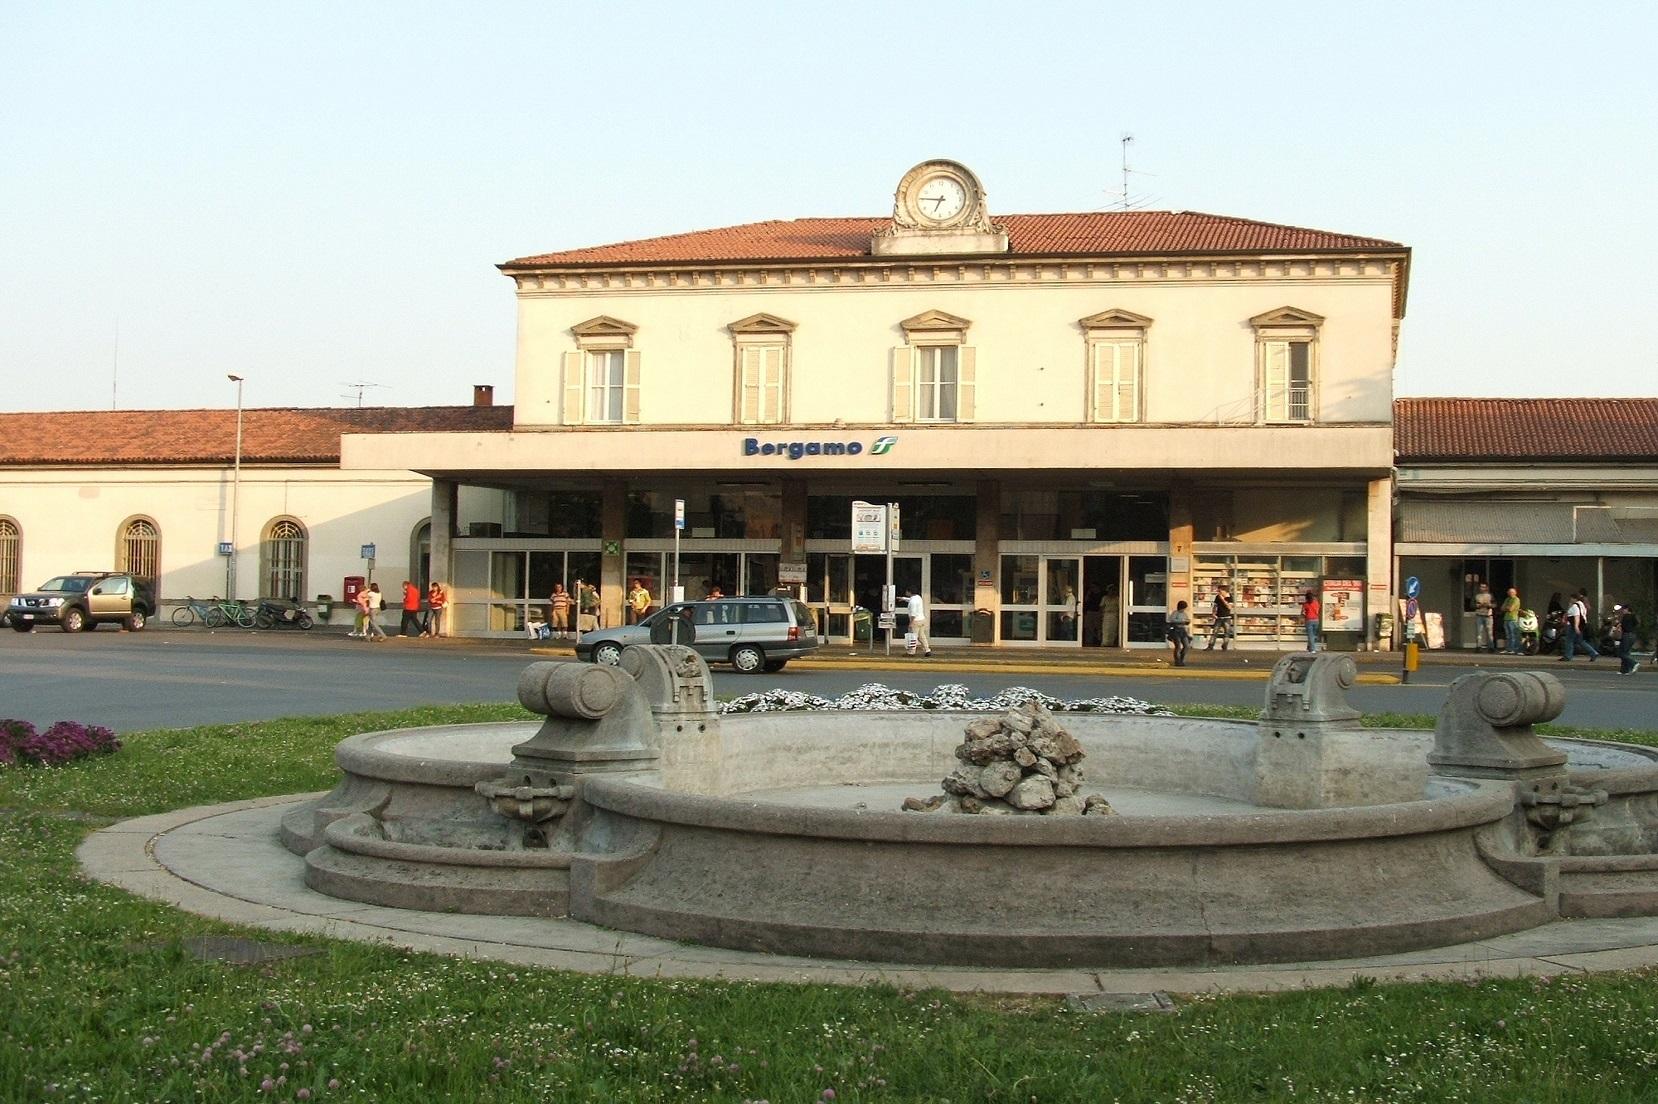 Bergamo FS